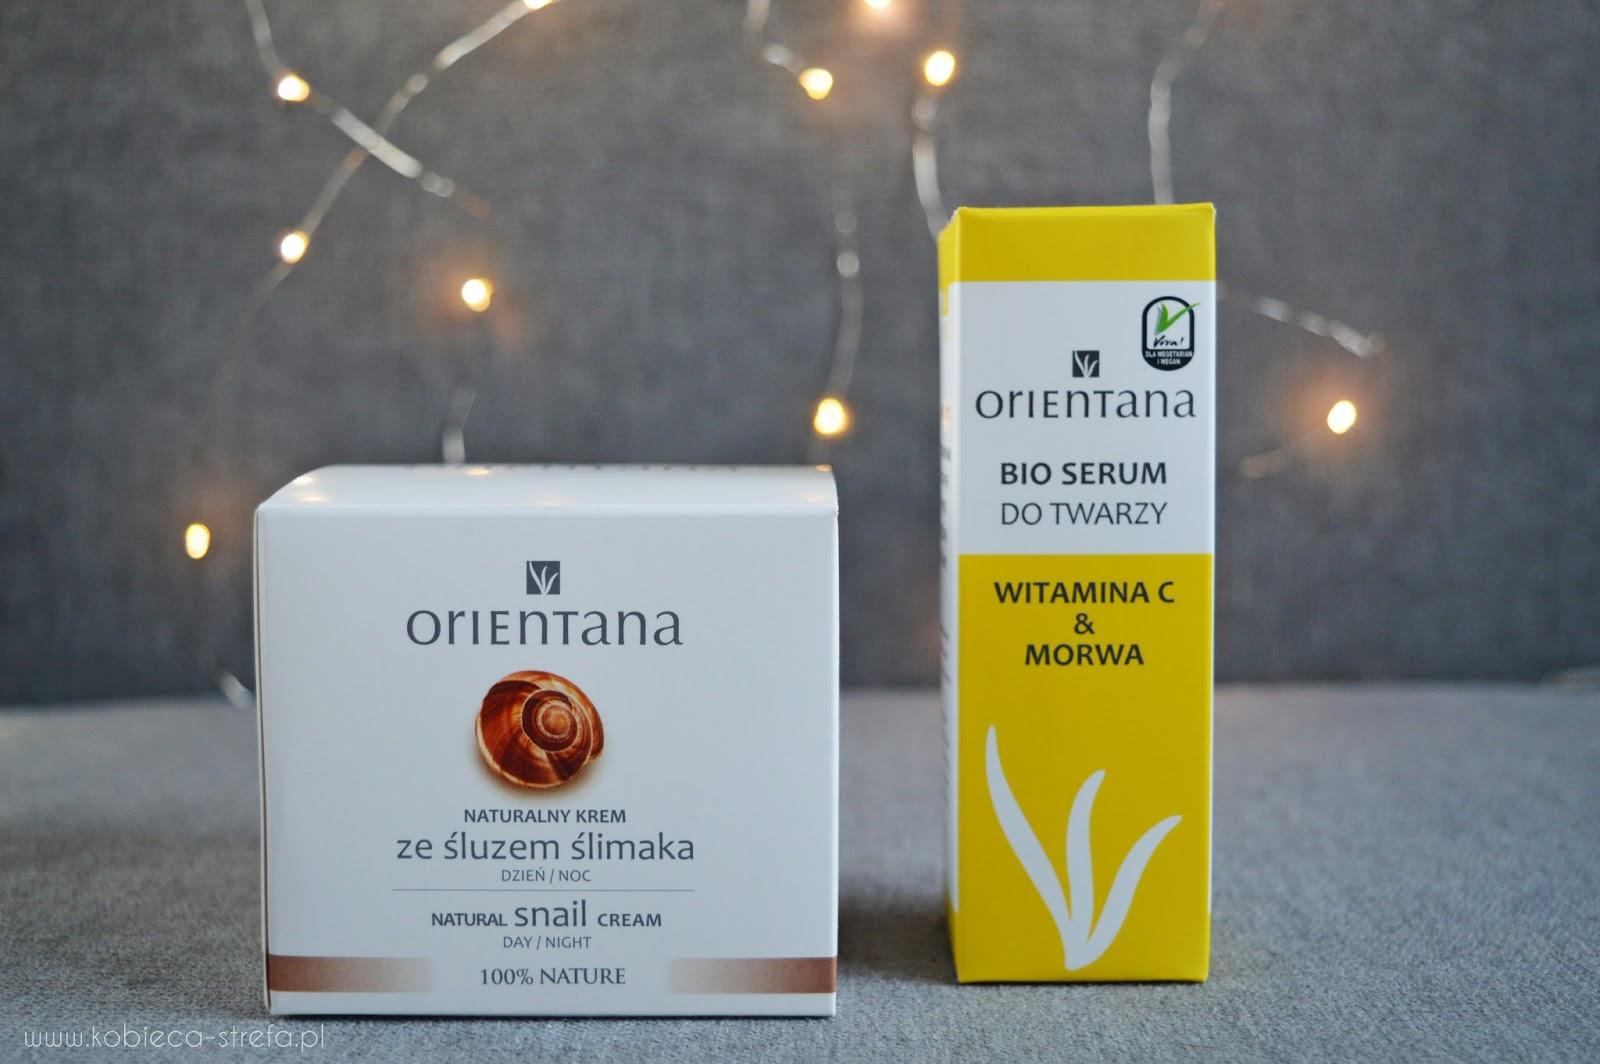 Orientana - krem ze śluzem ślimaka i bio serum do twarzy z witaminą C & morwą